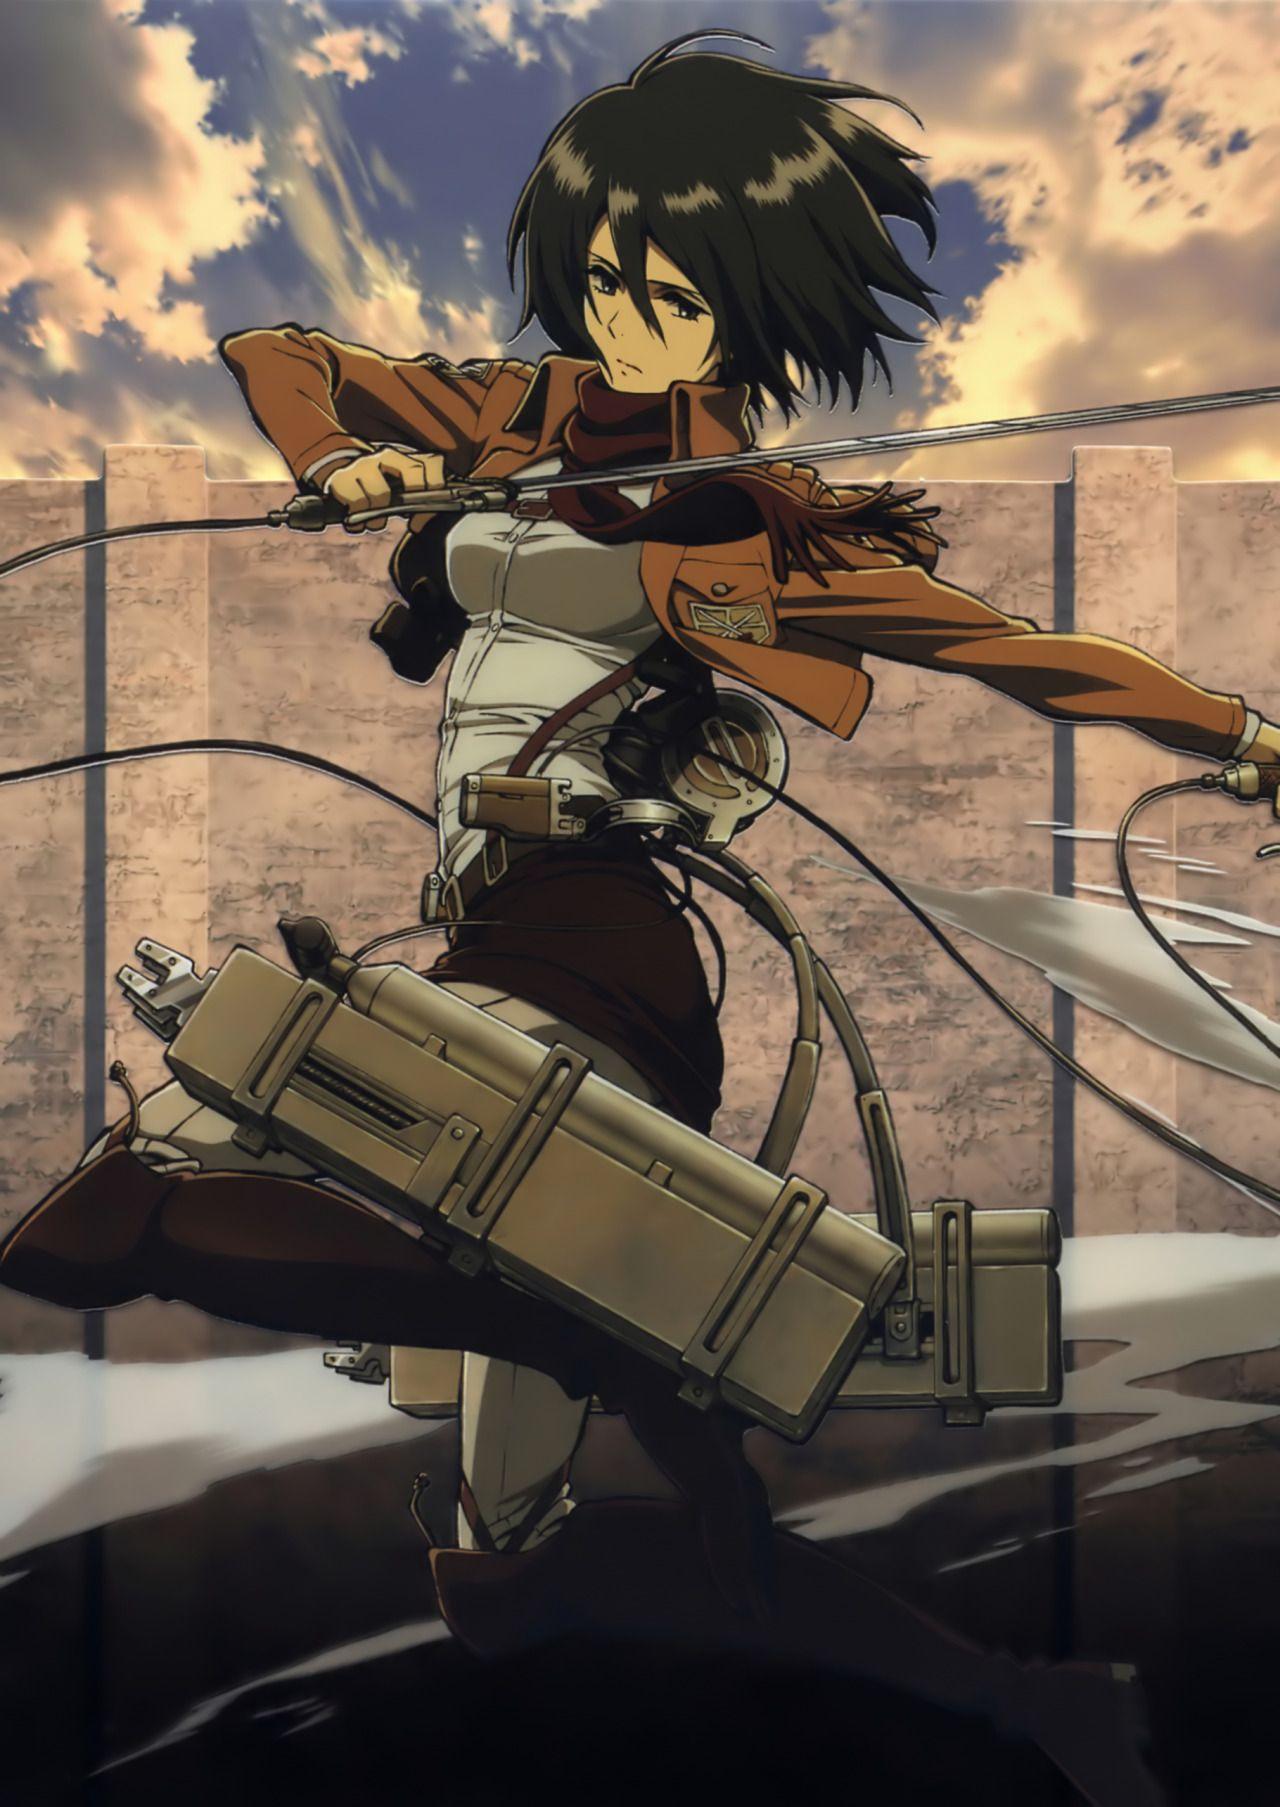 Mikasa ackerman shingeki no kyojin attack on titan shingeki attackontitan